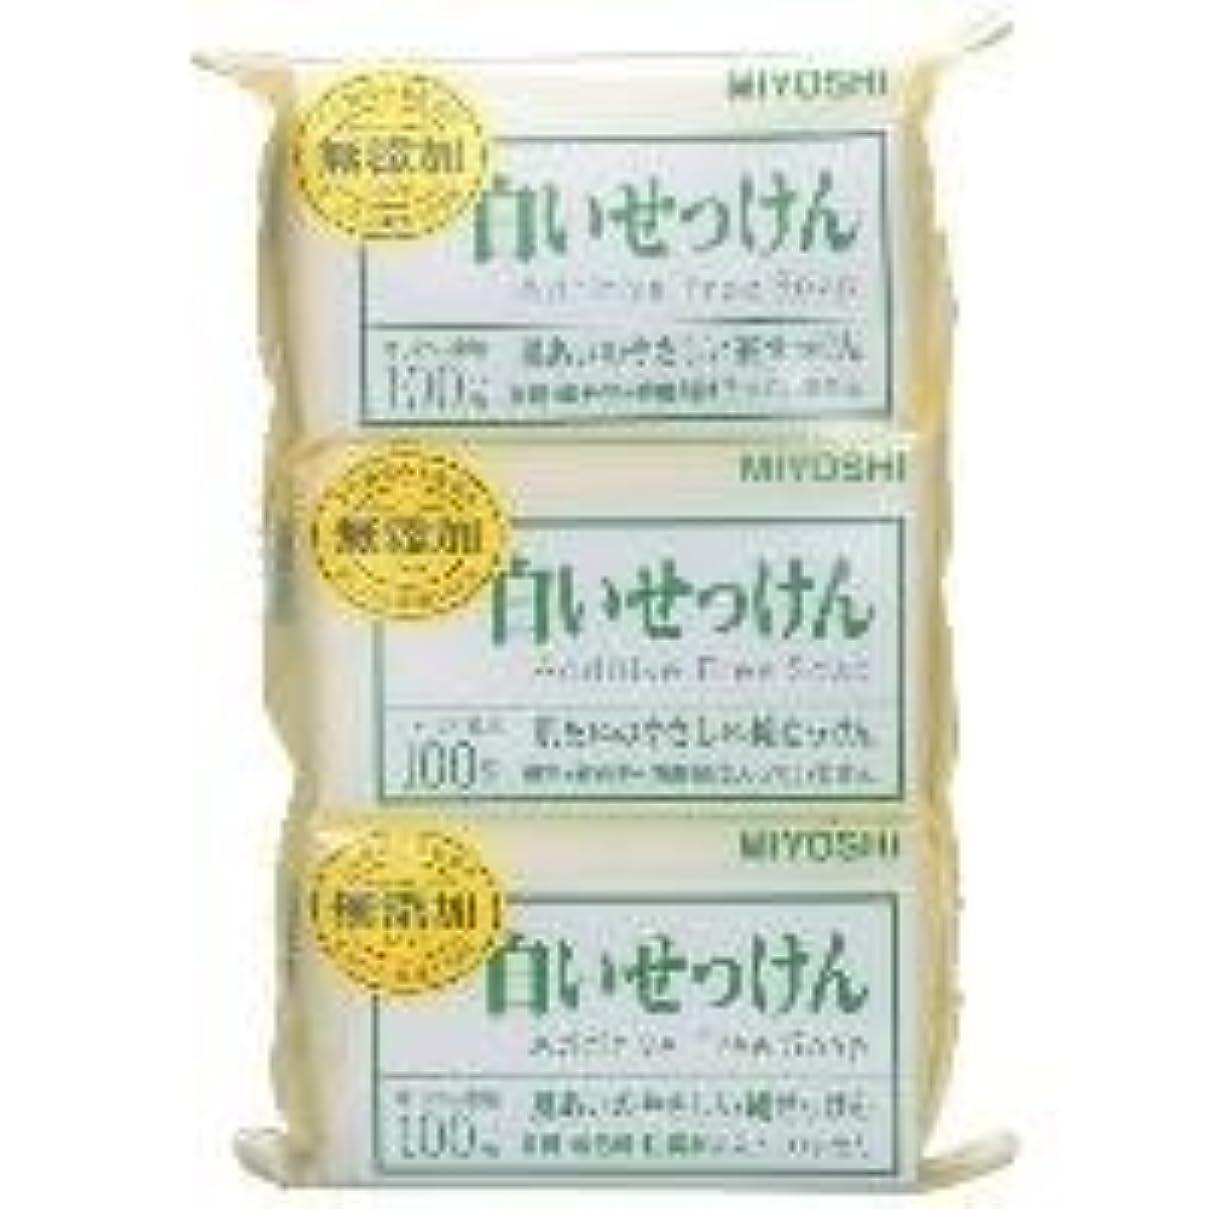 感覚スプレーマニュアル【MIYOSHI】無添加 白いせっけん 108g×3個入